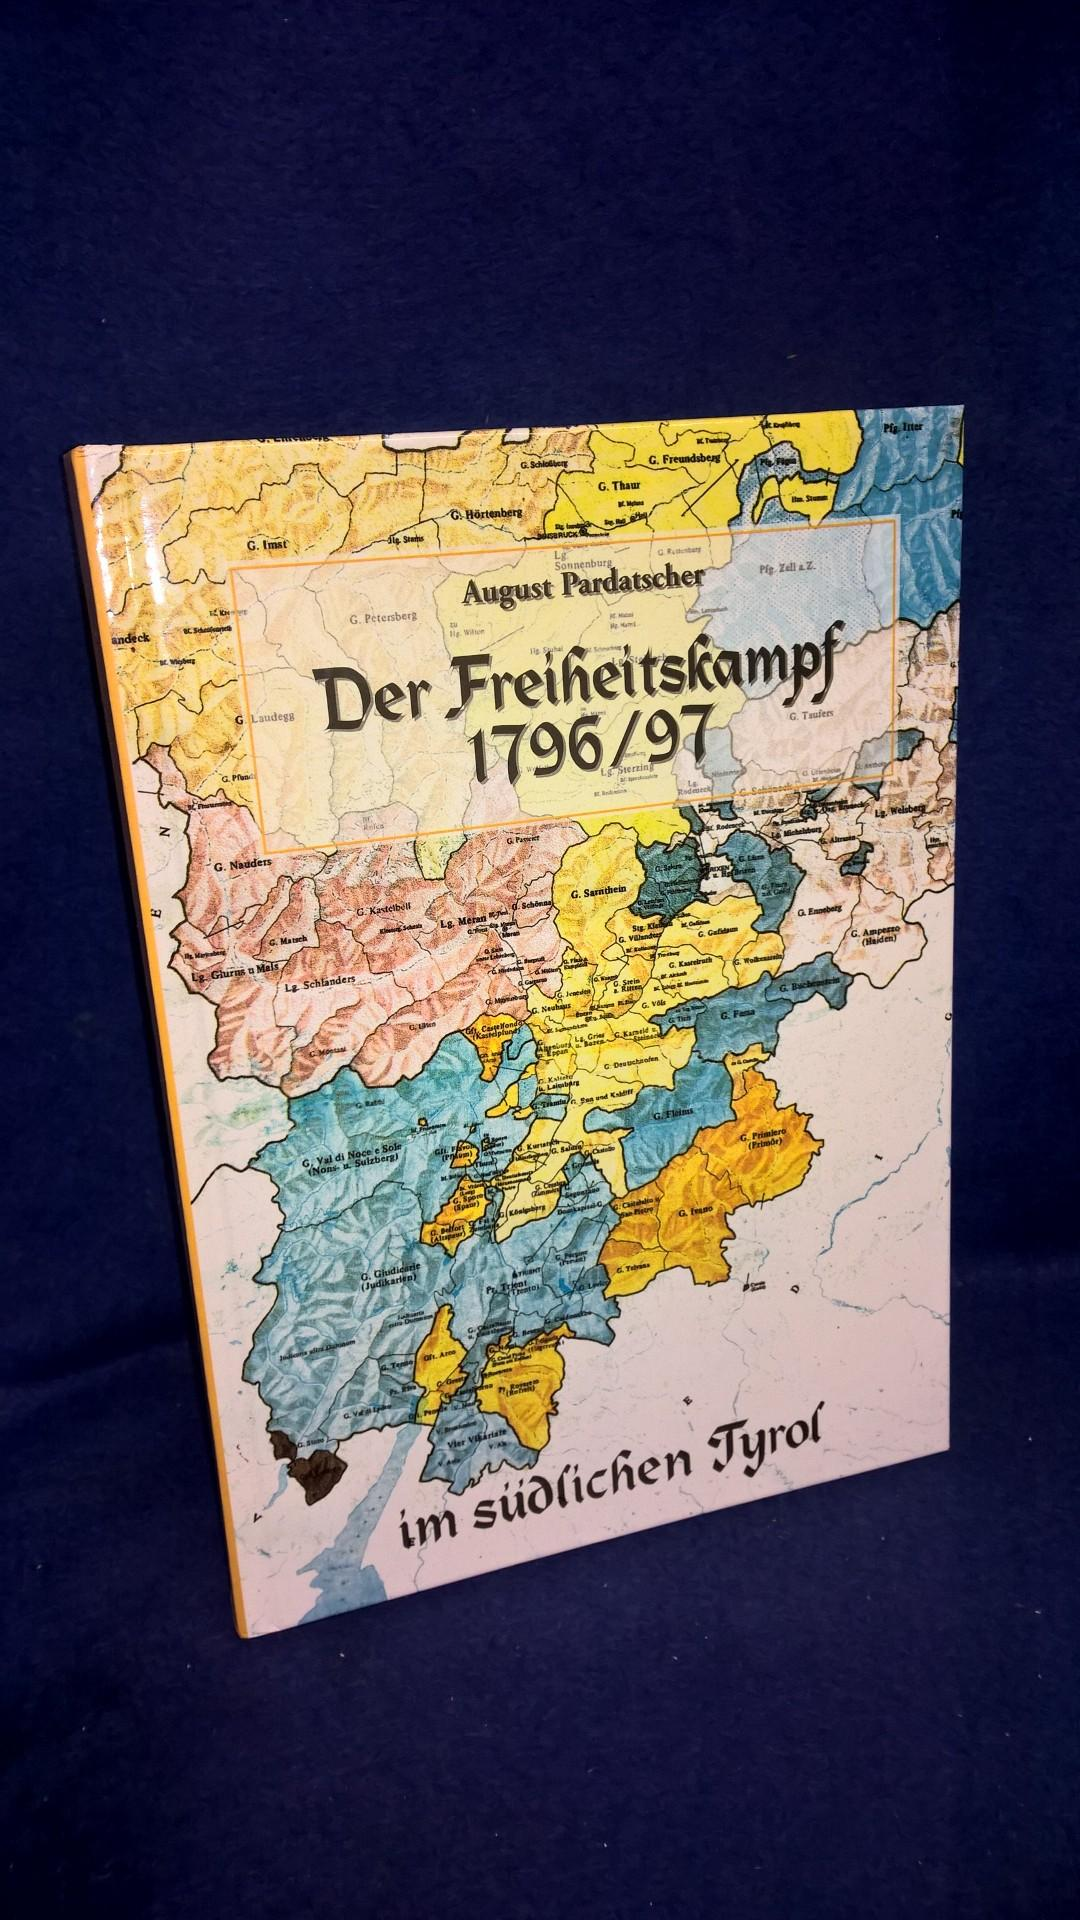 Der Freiheitskampf 1796/ 97 im südlichen Tyrol.